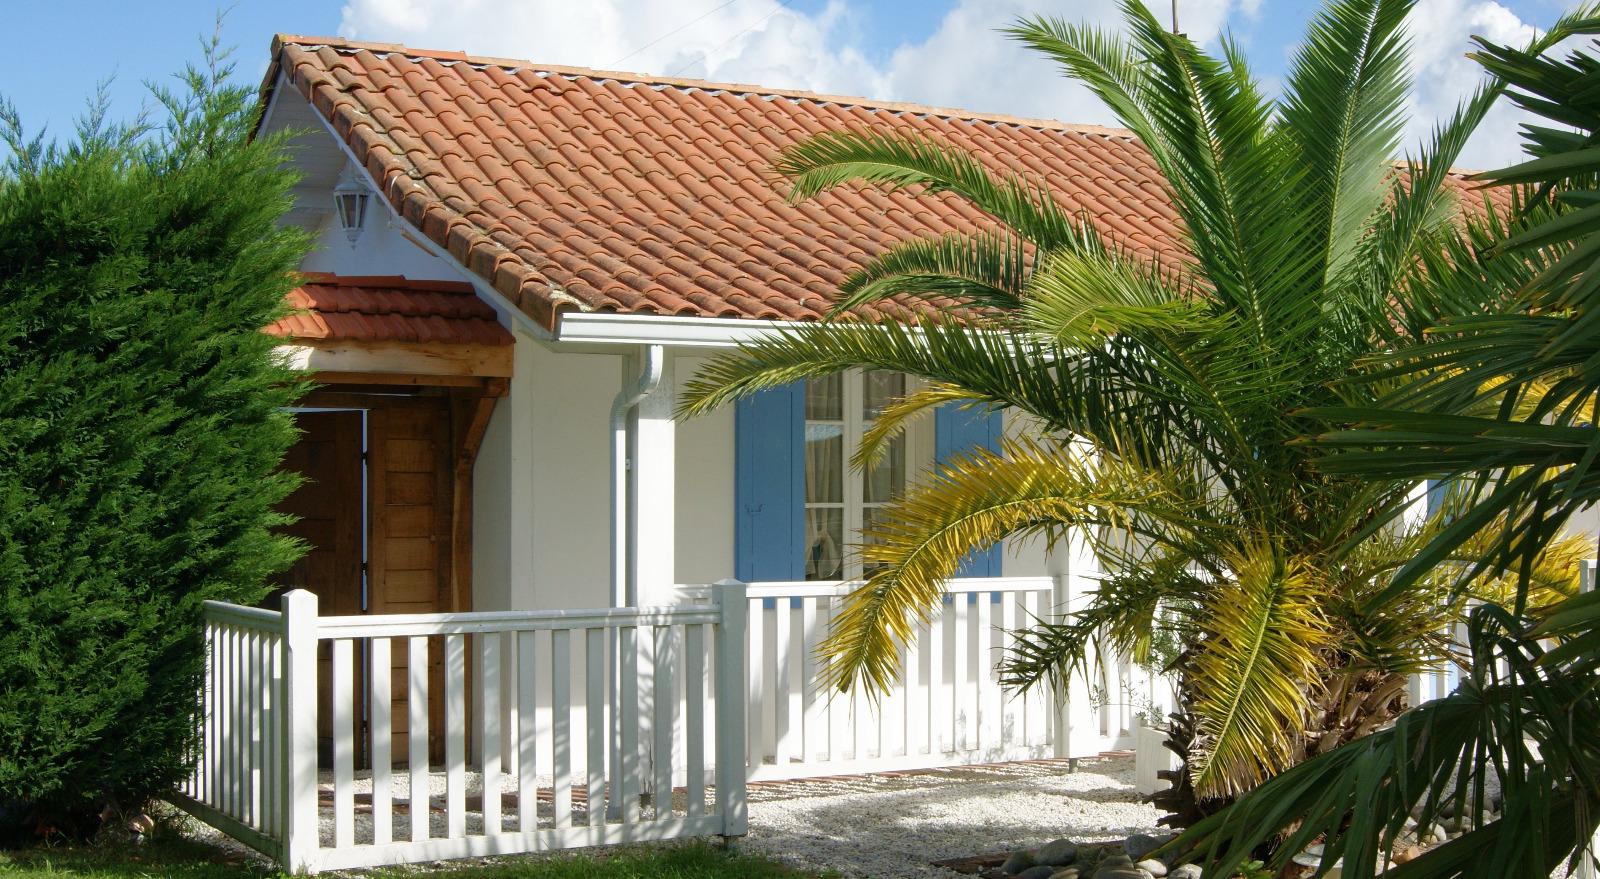 Gujan mestras villa arcachonnaise avec deux maisons d for Piscine spa gujan mestras